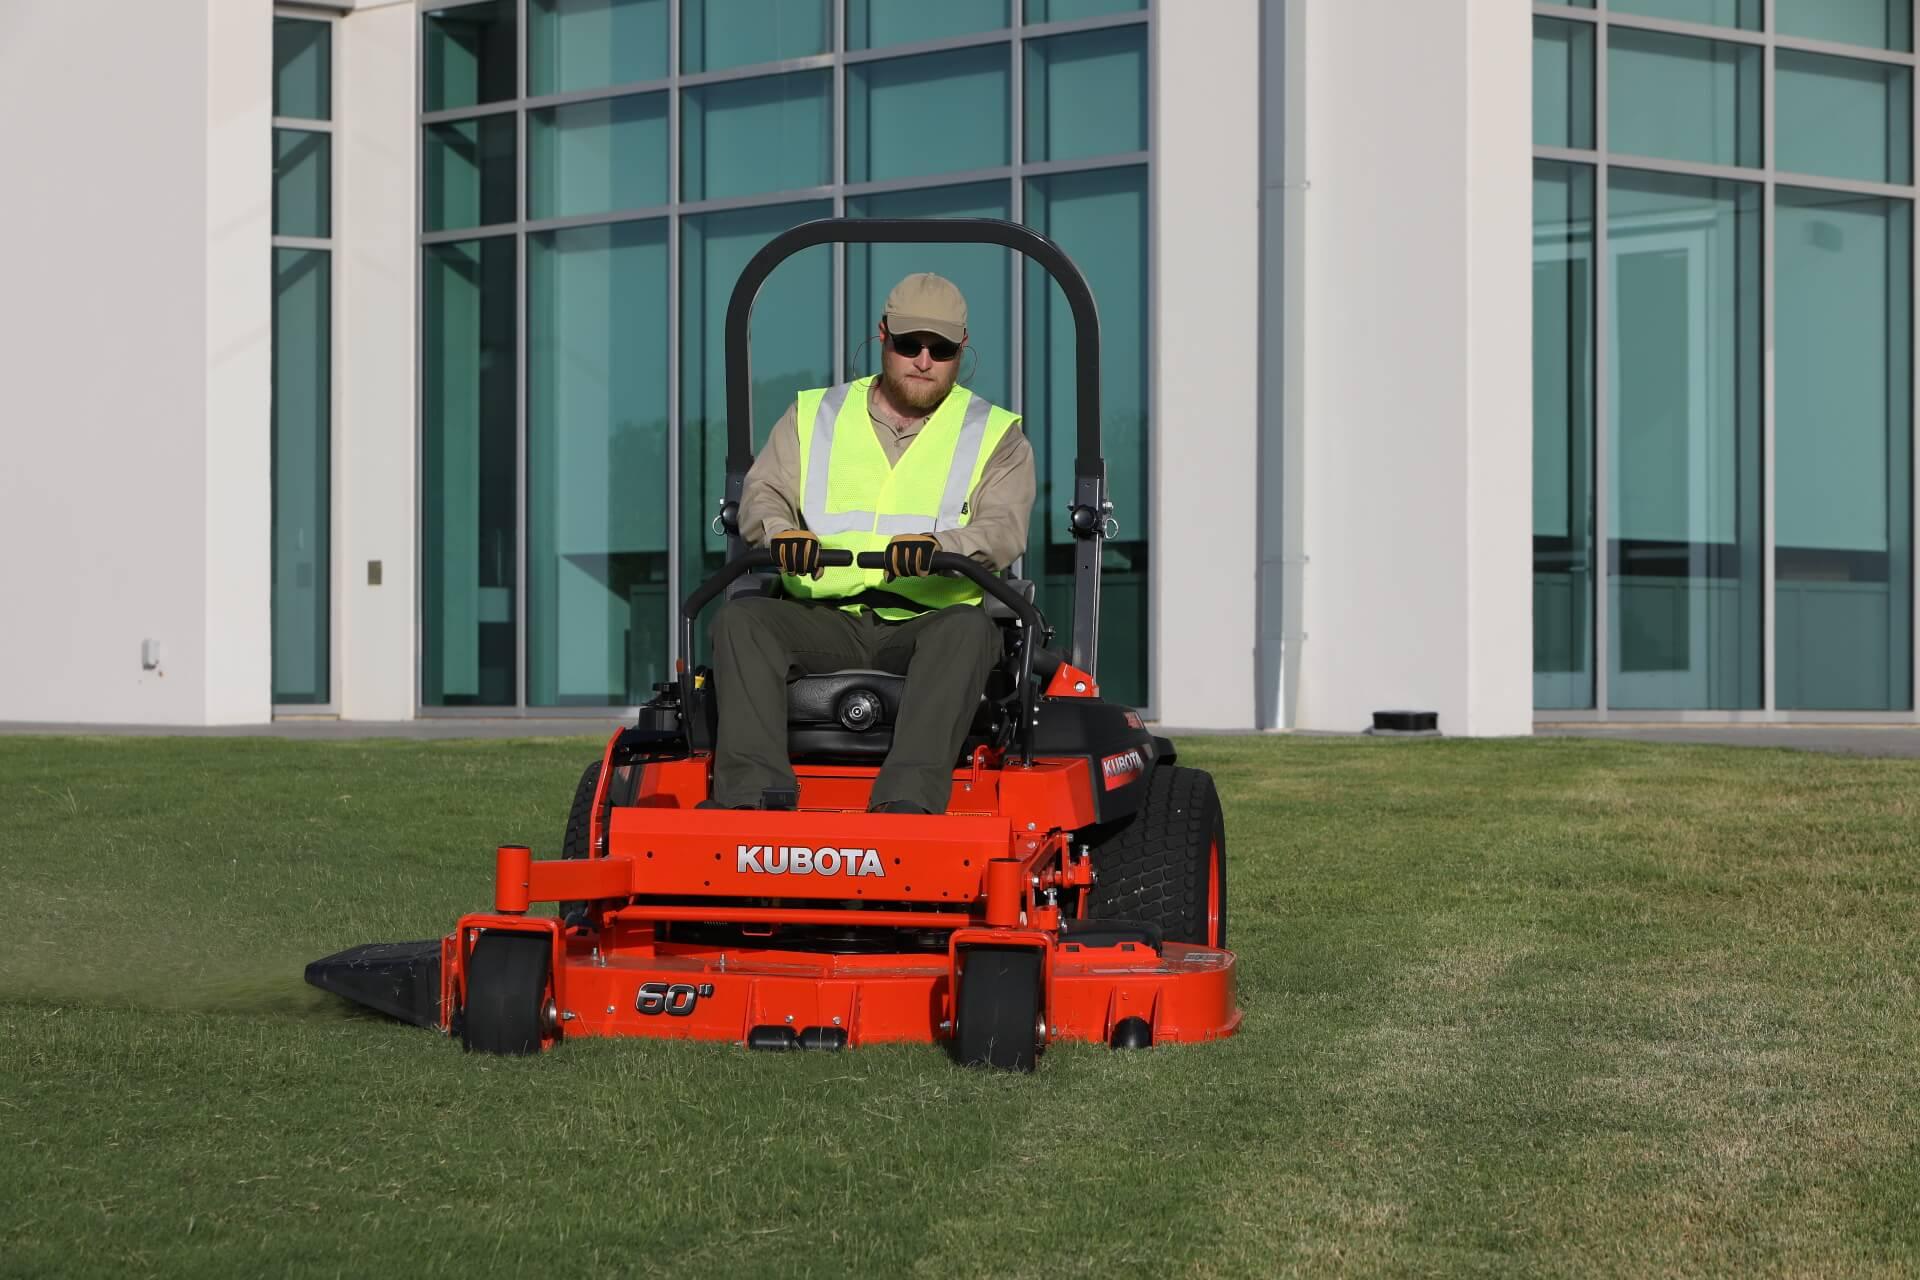 kubota zero-turn lawn mower